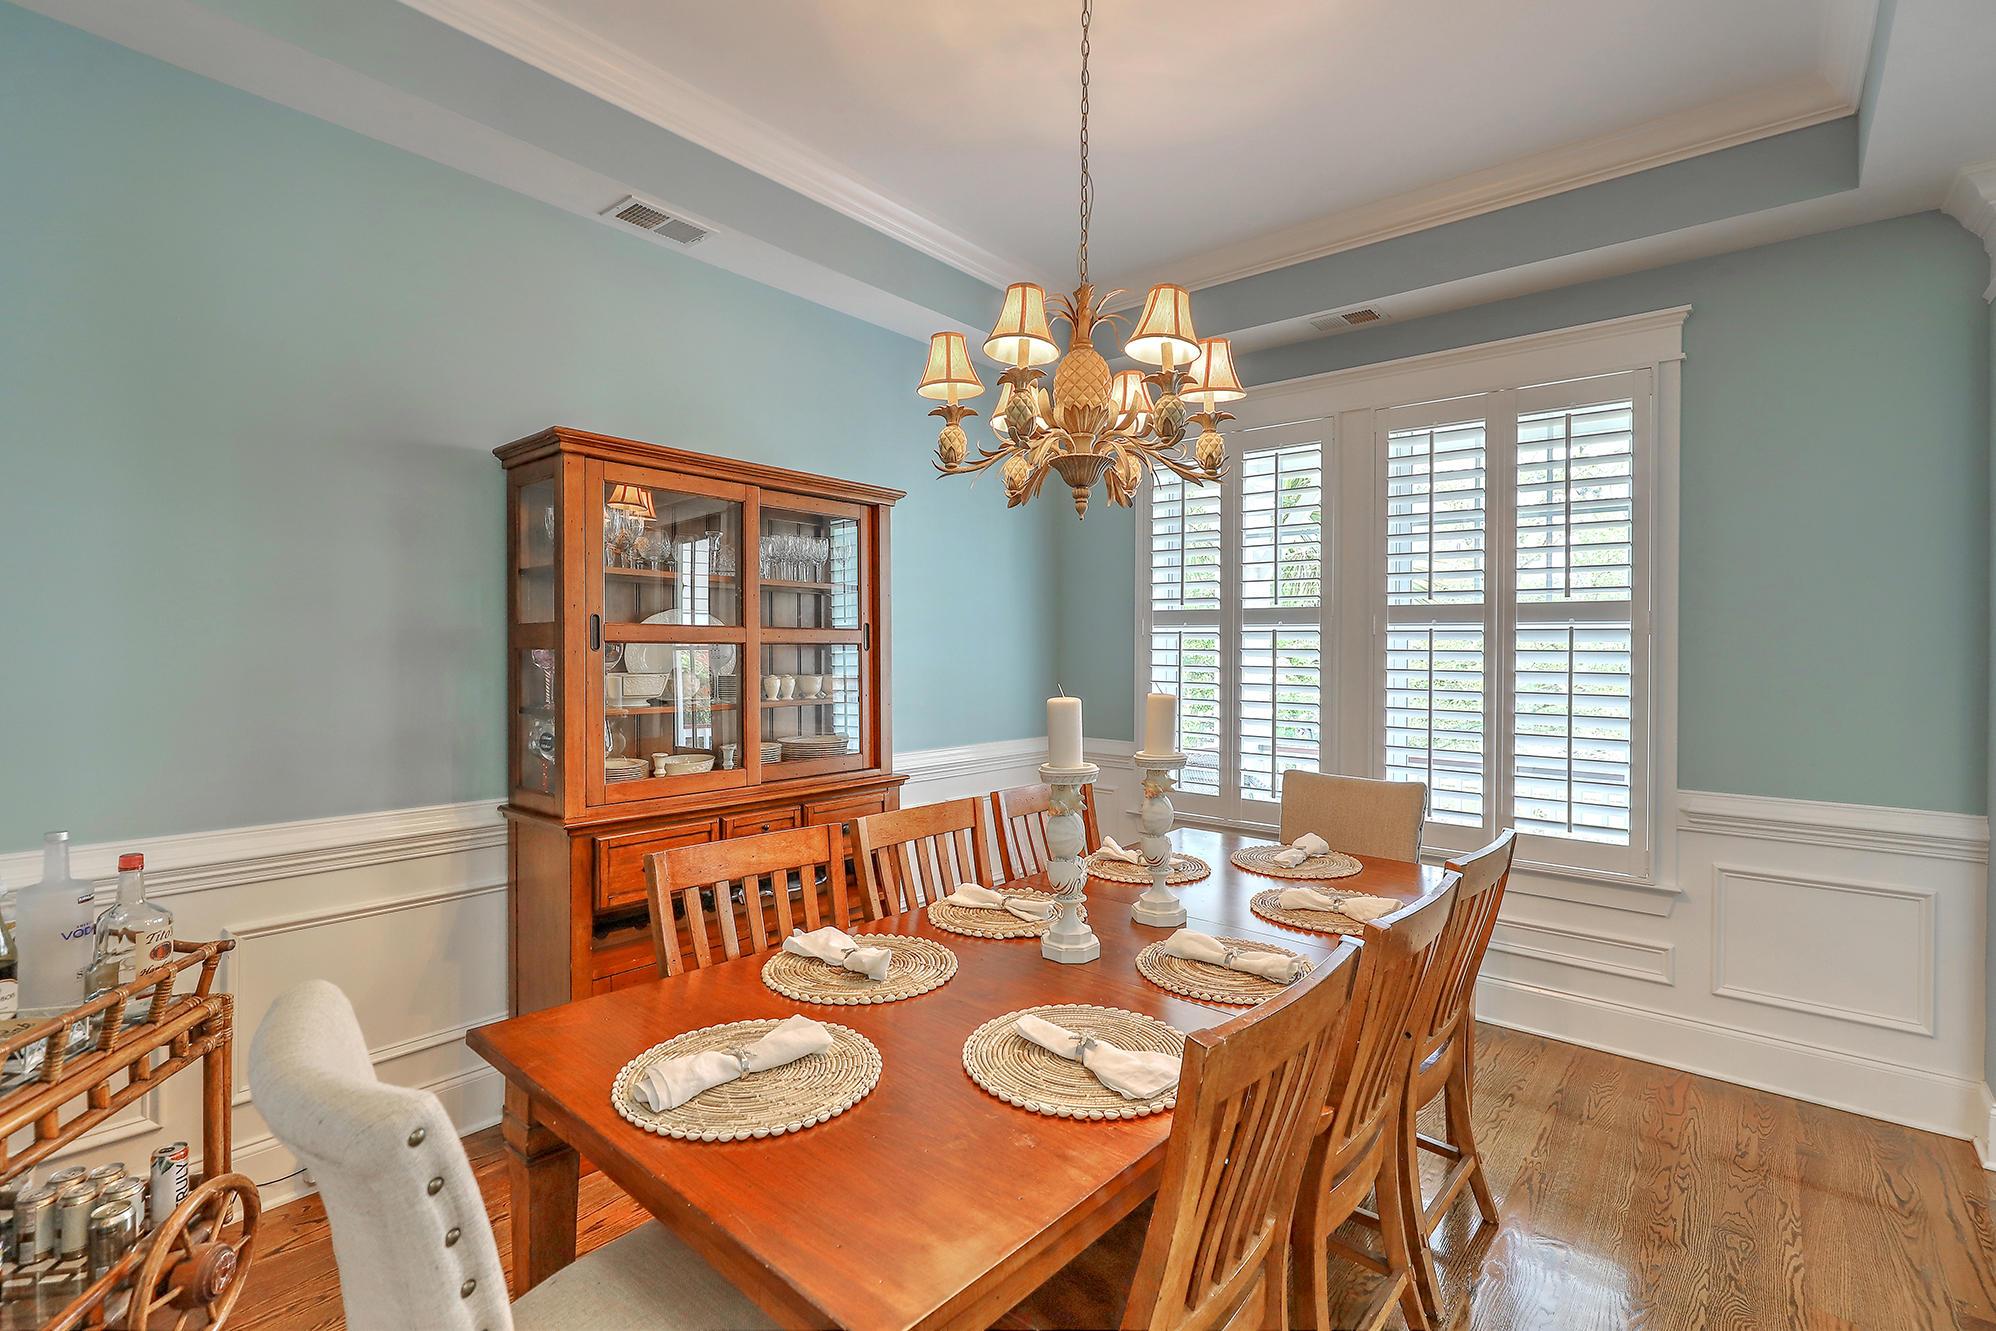 Park West Homes For Sale - 1516 Capel, Mount Pleasant, SC - 32